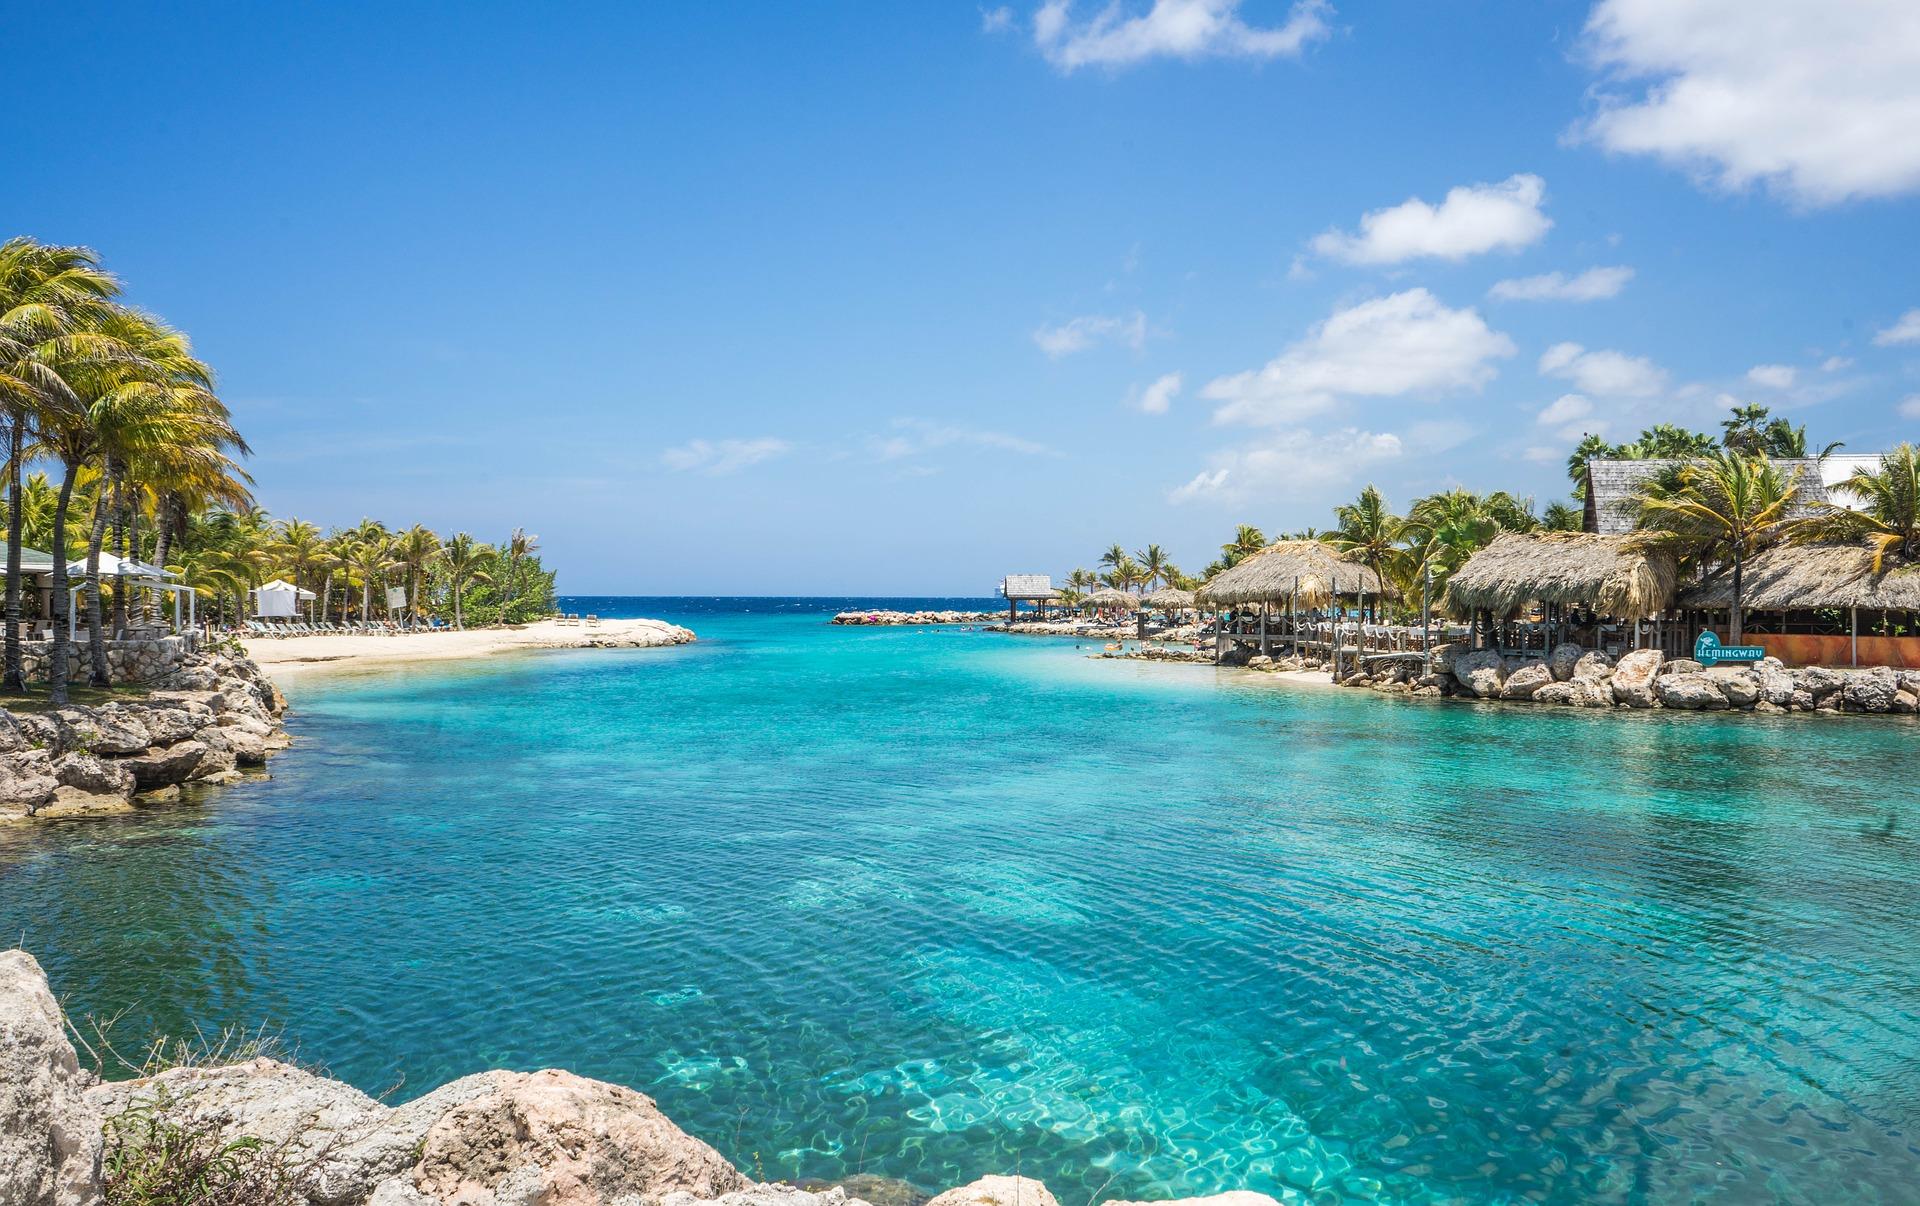 Karibik Urlaub Curacao ihr Hotel Zimmer